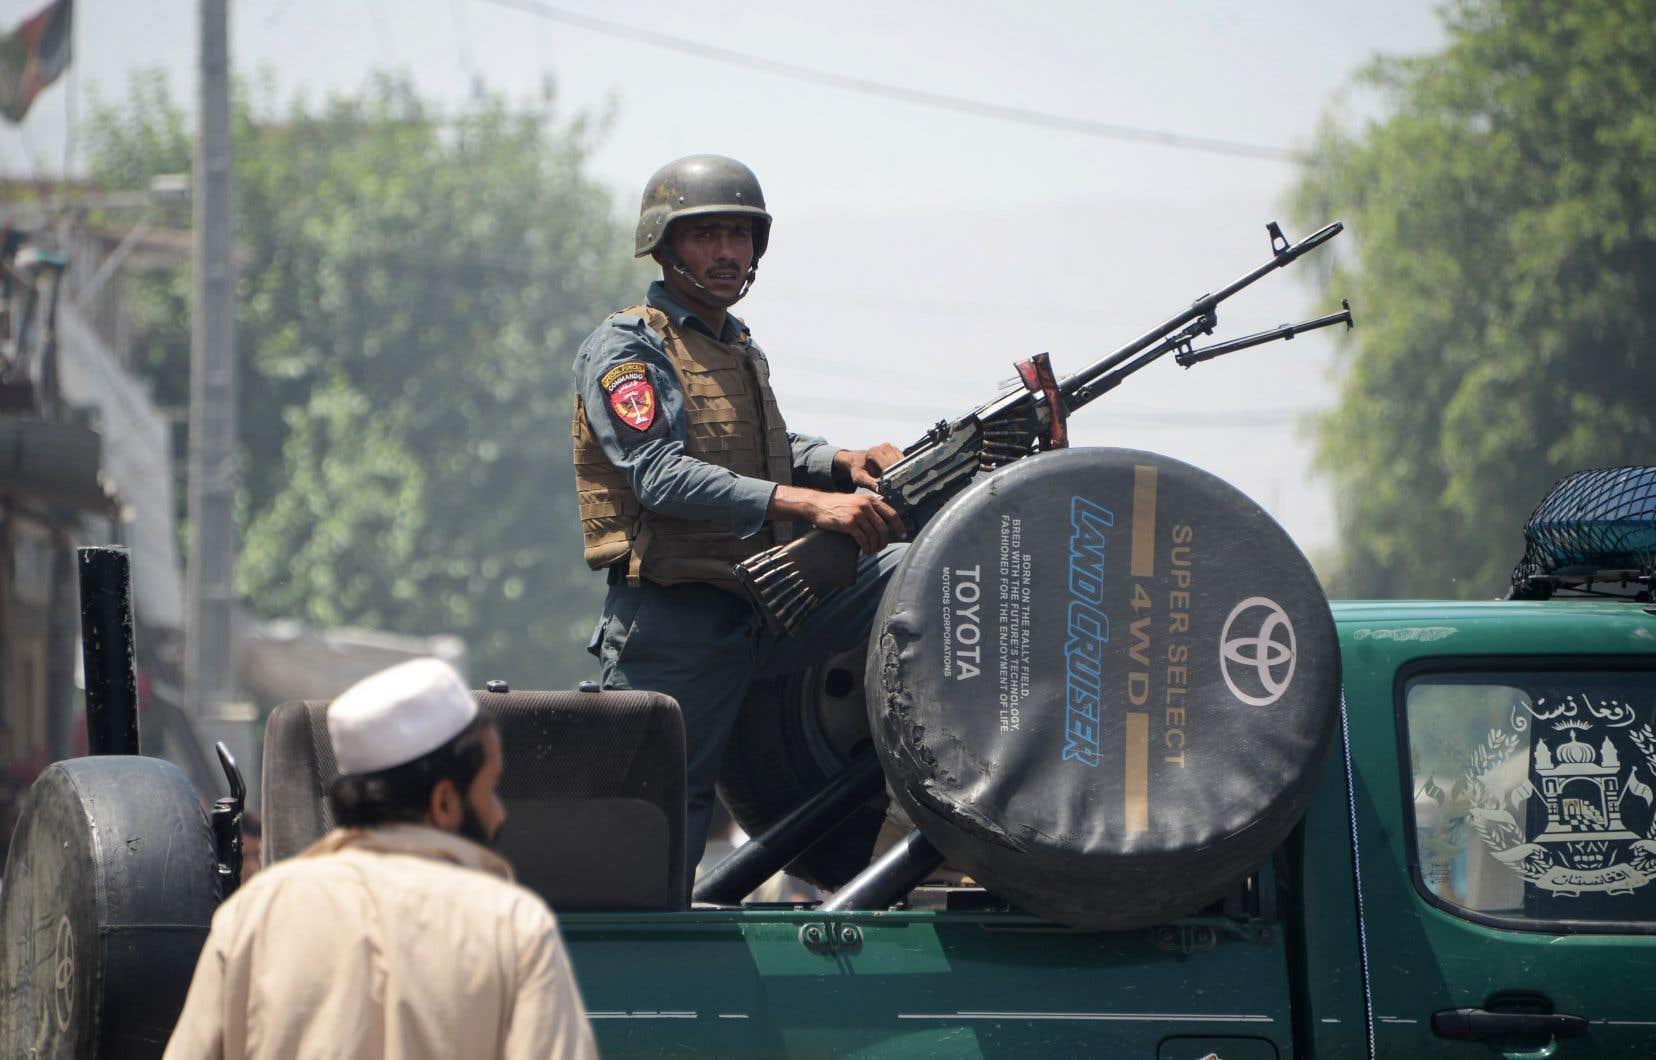 Un militaire afghan monte la garde au sommet d'un véhicule près du lieu de l'attentat suicide alors qu'une attaque est en cours entre les forces de sécurité afghanes et des kamikazes à Jalalabad le 31 juillet 2018.